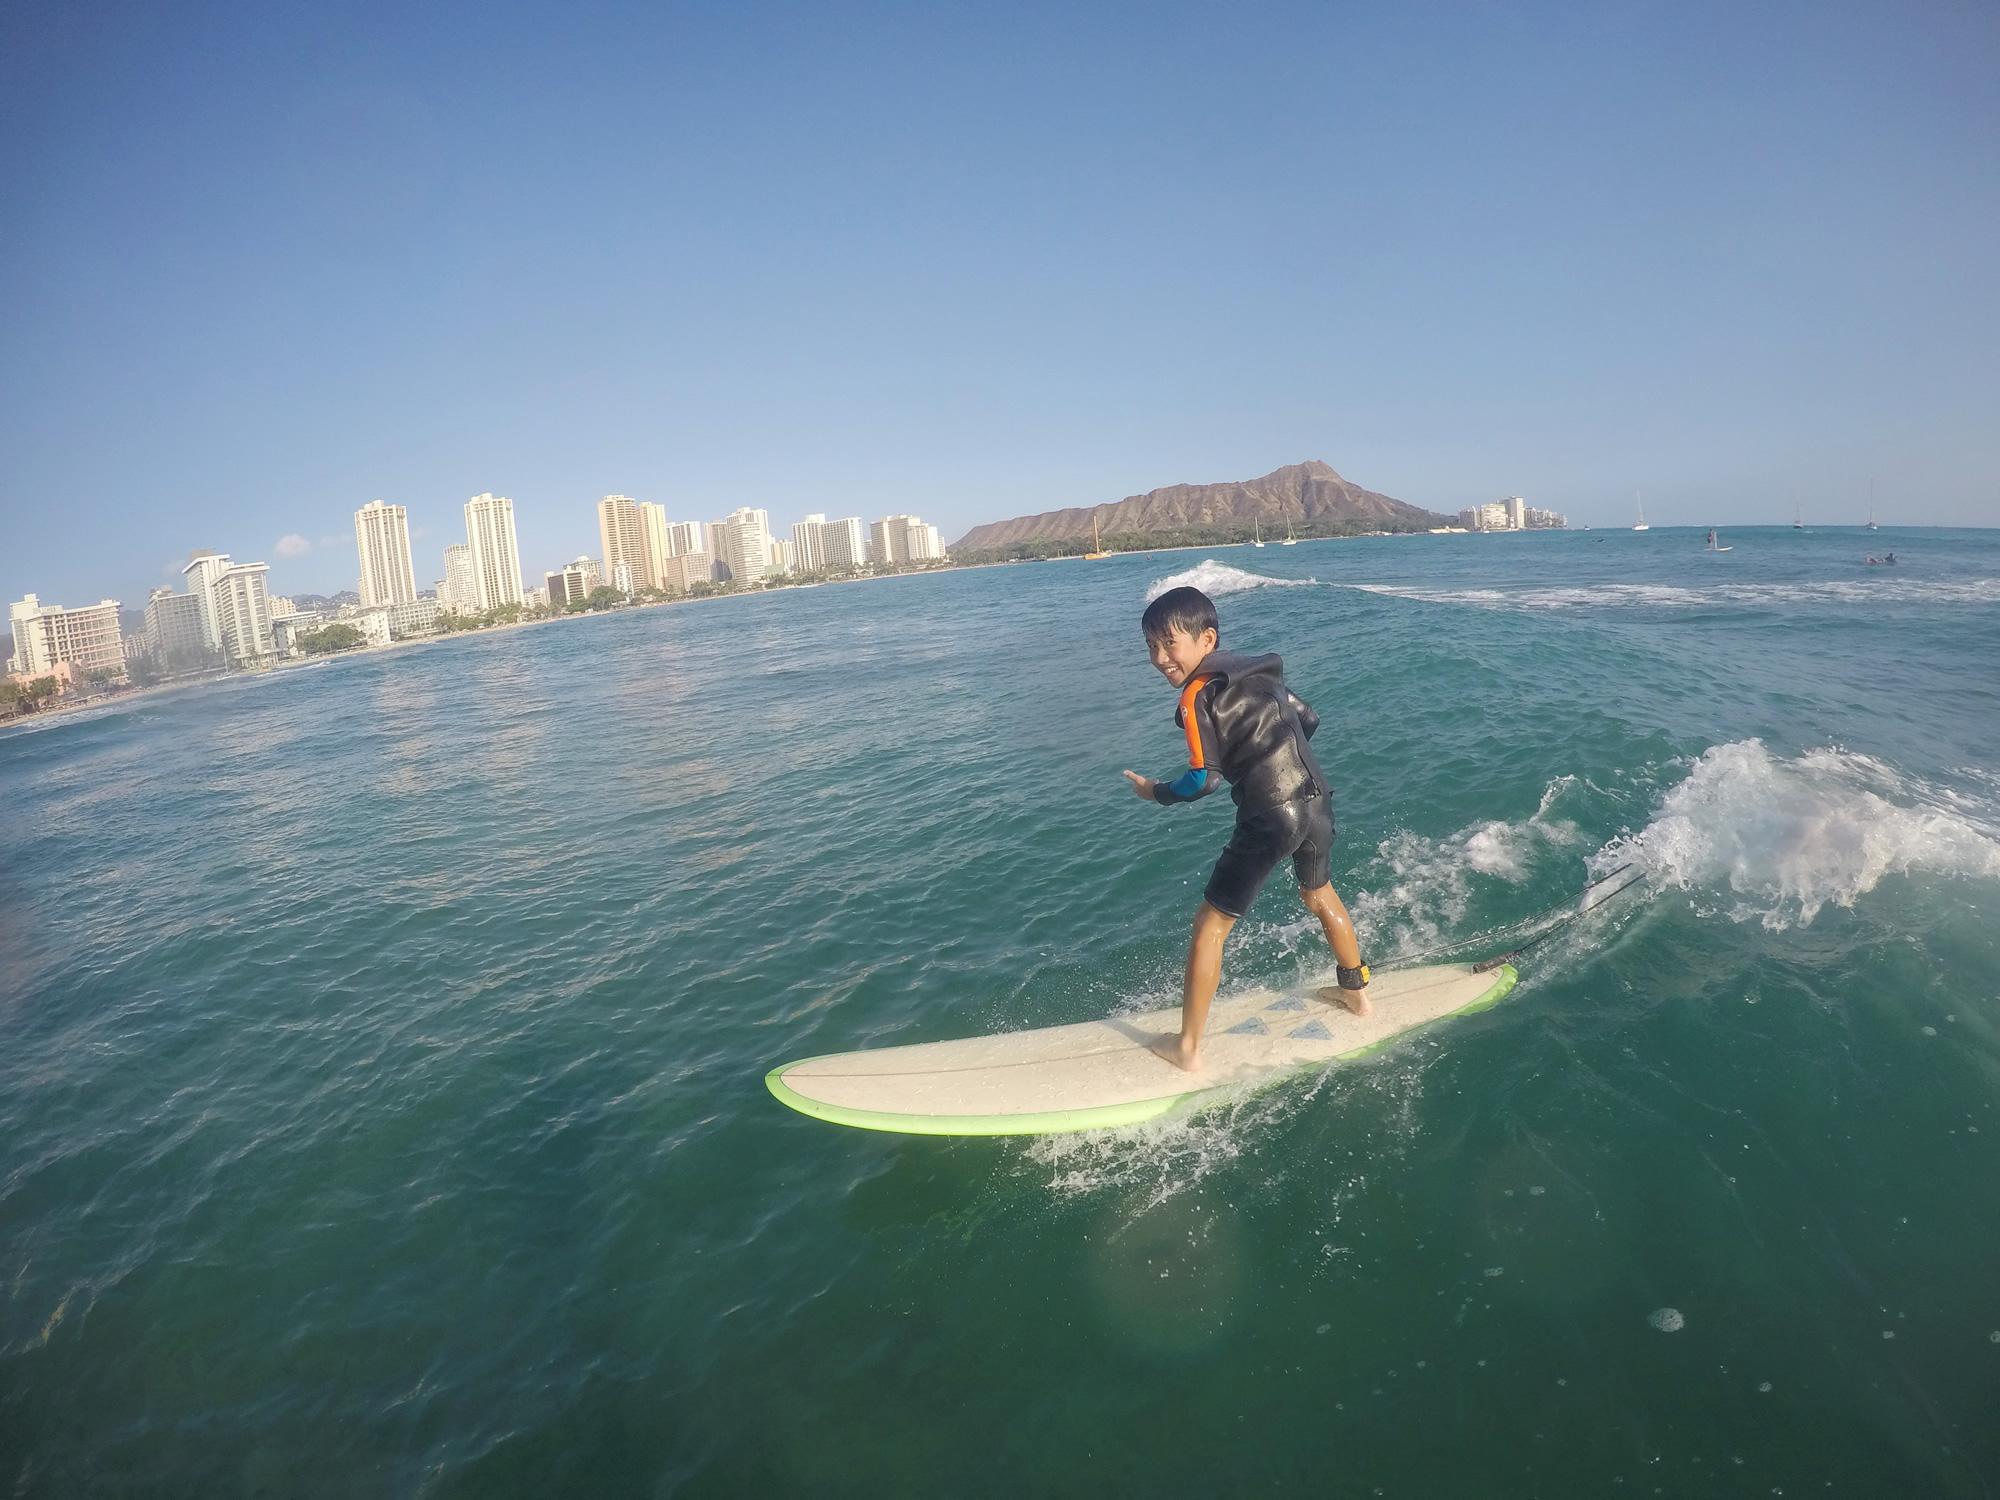 ハワイ サーフィン 移住